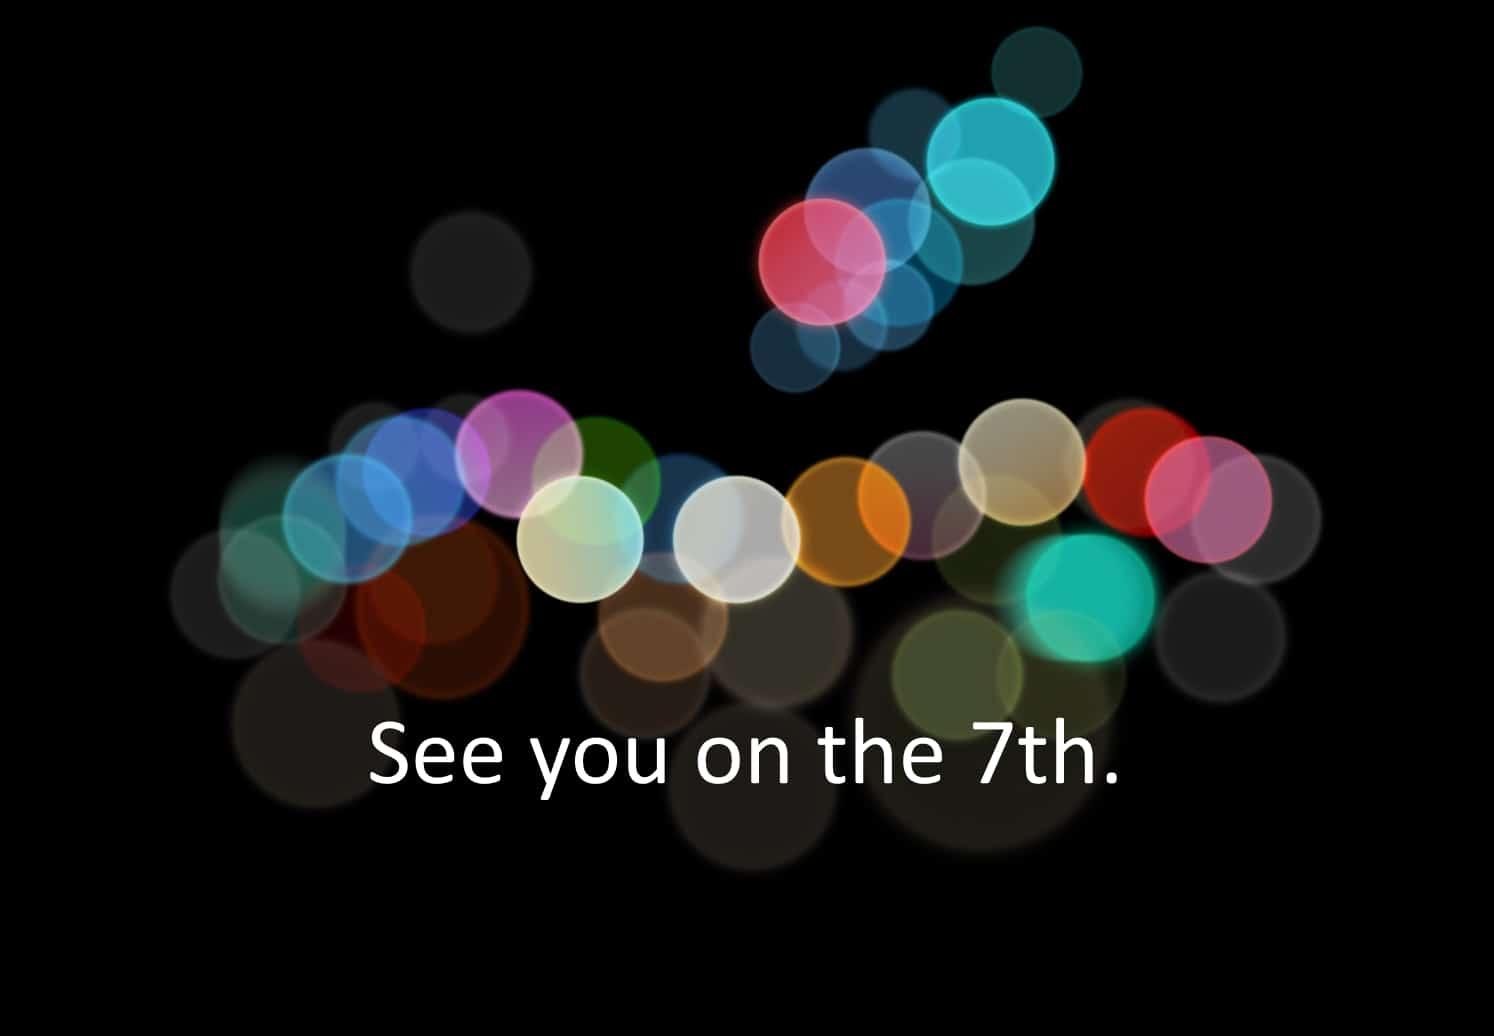 iPhone 7 se lanseaza pe 7 septembrie